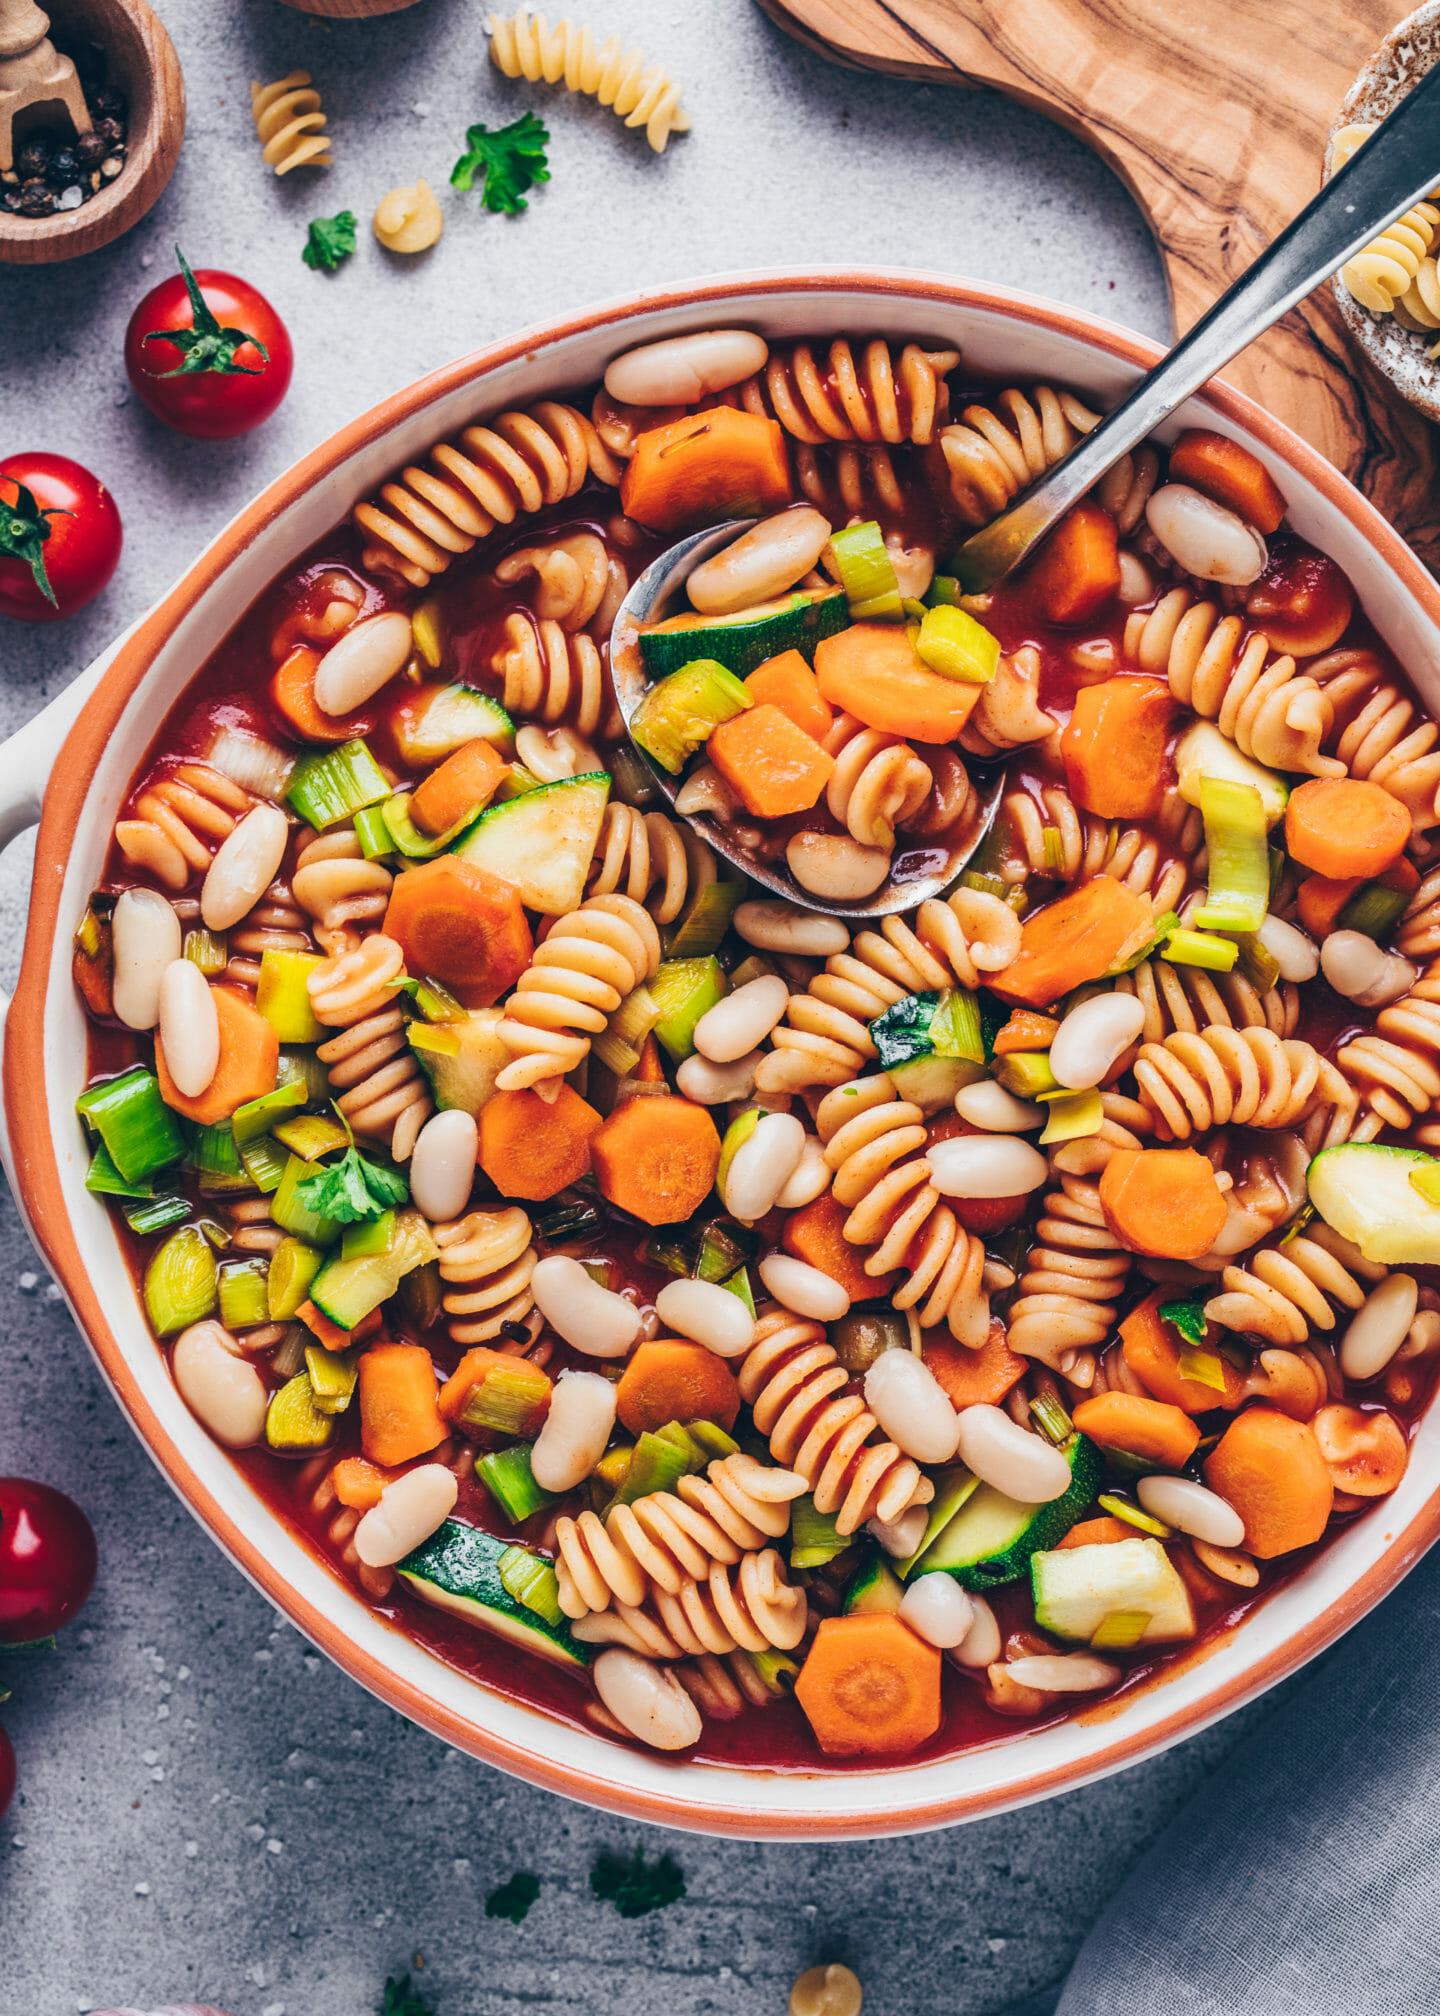 Minestrone Suppe mit Karotten, Zucchini, Lauch, weiße Bohnen, Tomaten und Fusilli Nudeln (Eintopf)